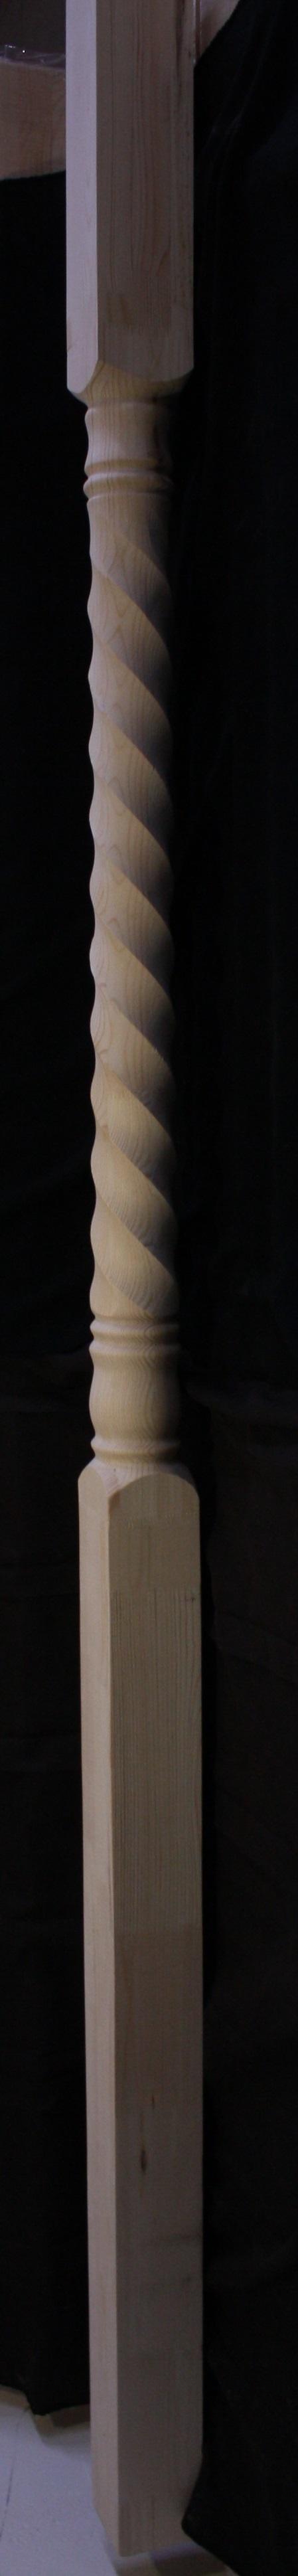 Кованые балясины Купить элементы кованых ограждений